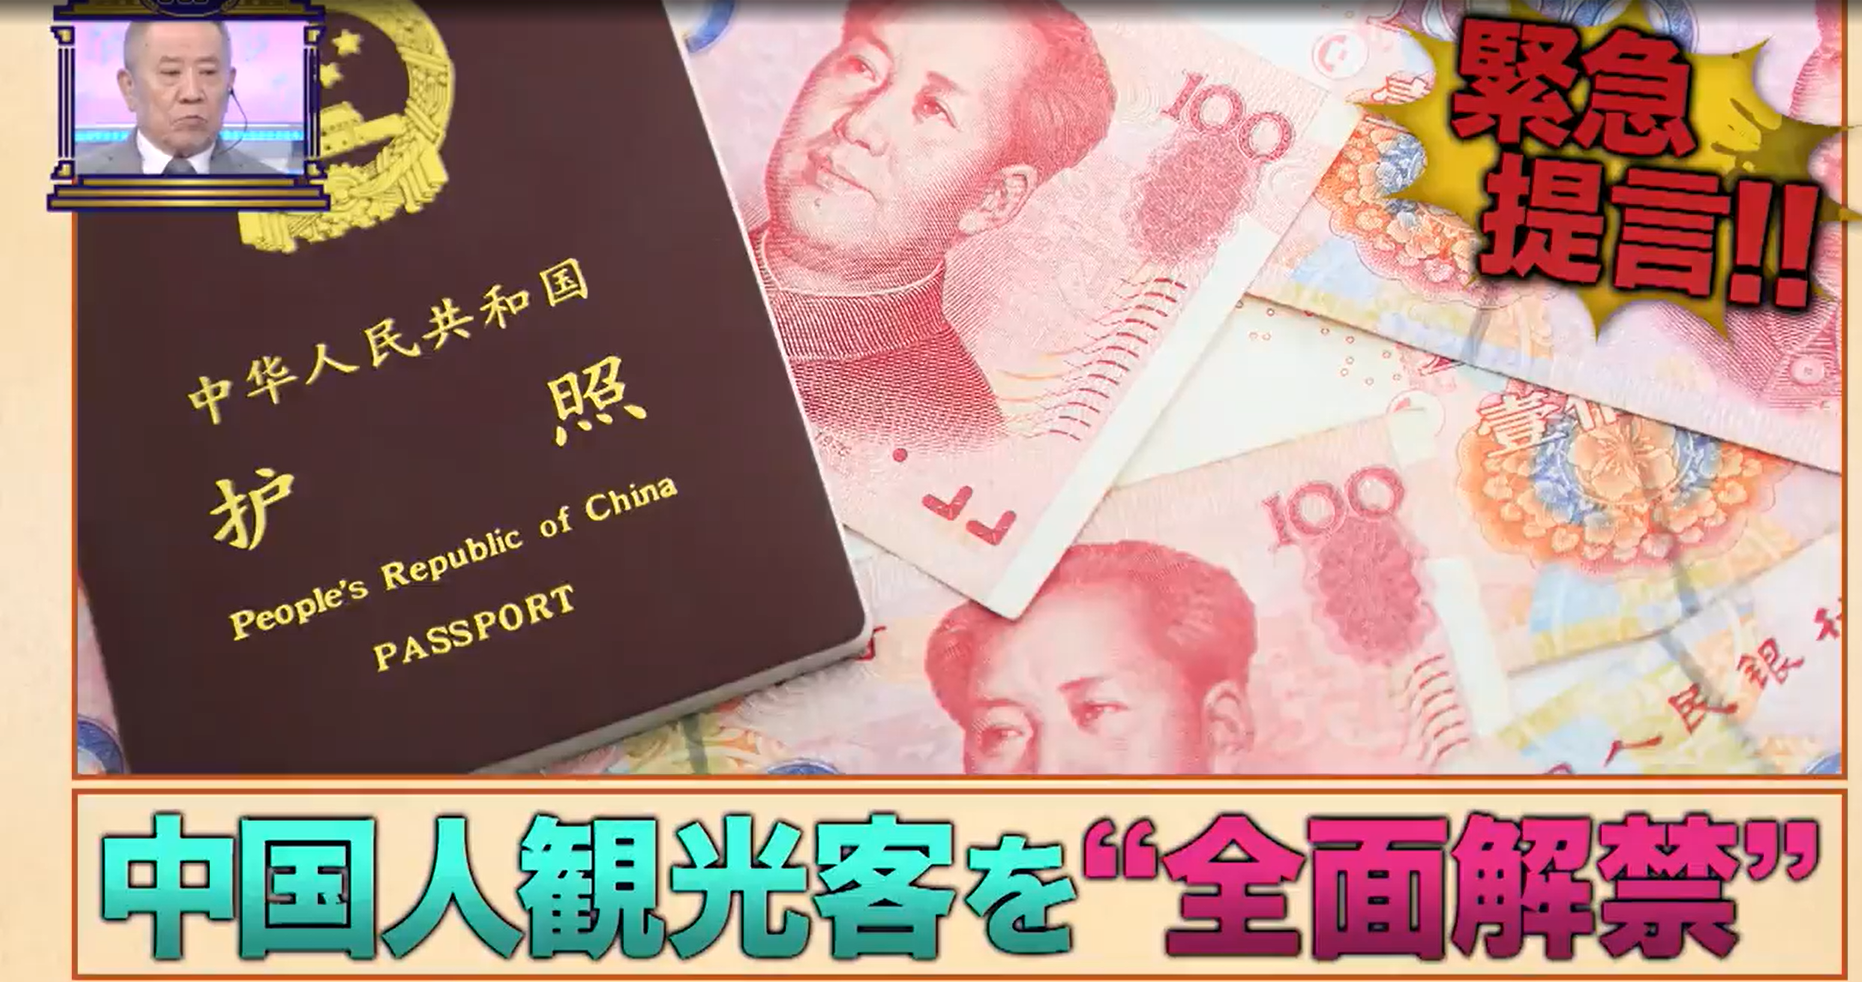 中国『言う事聞かなきゃ、うちからの観光客ストップすっから』